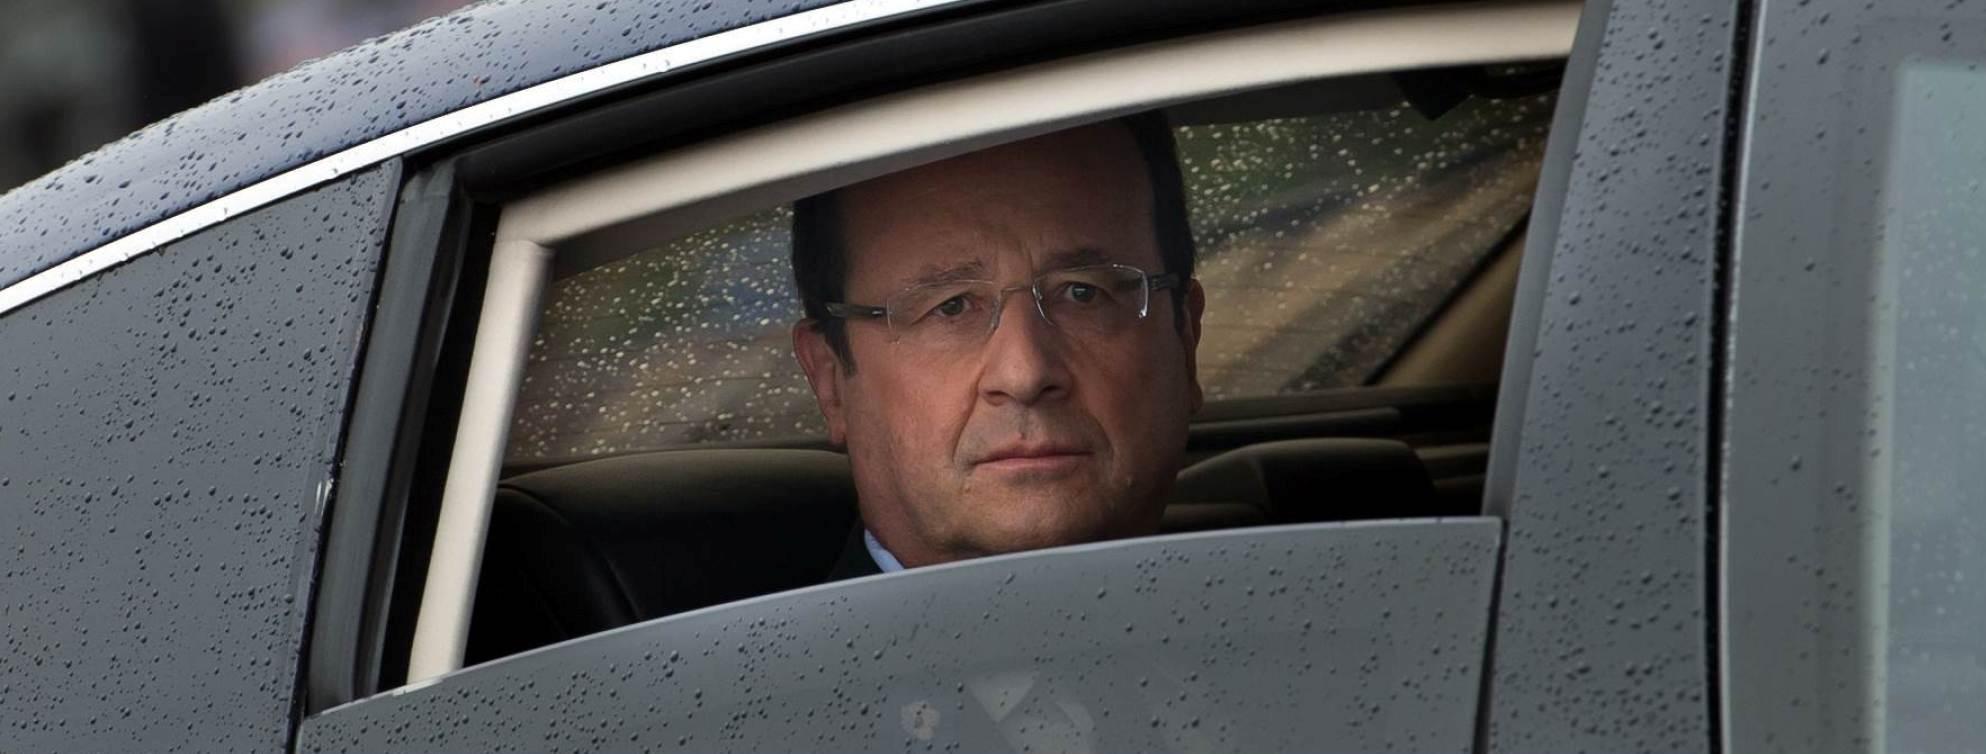 La majorité des Français désapprouve l'action de François Hollande